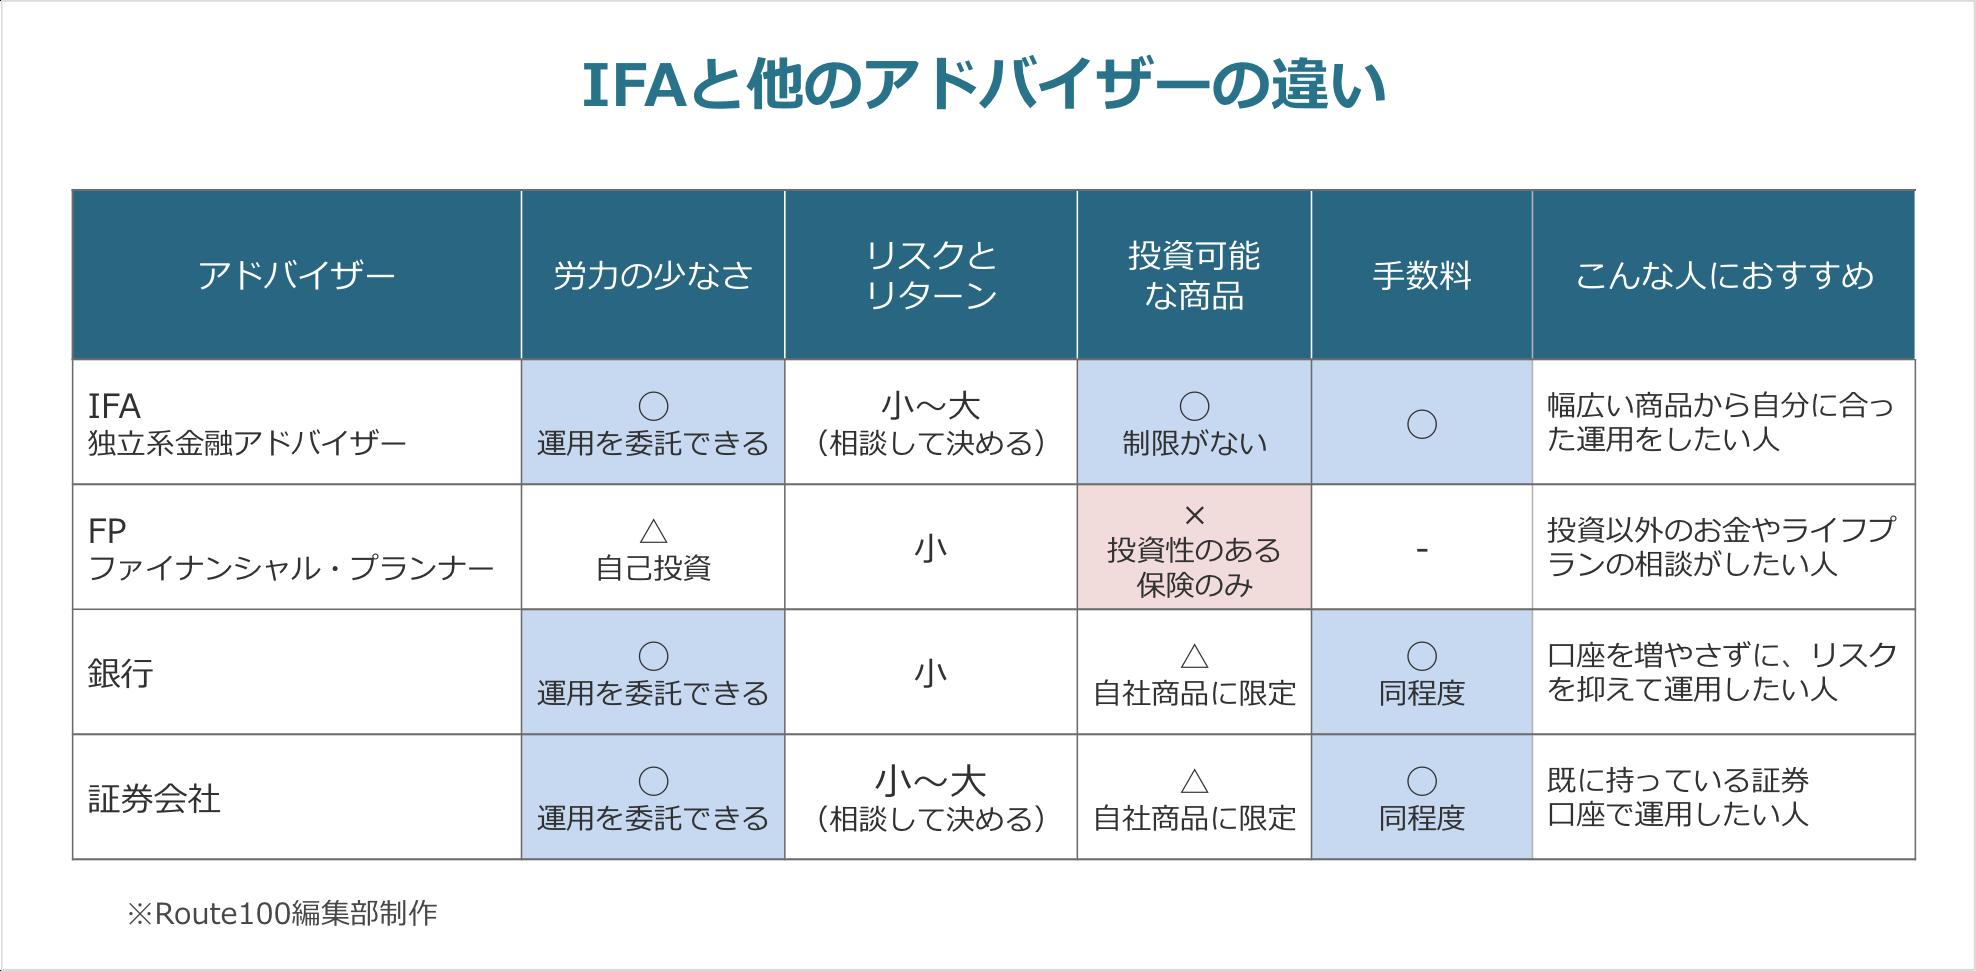 IFAと他のアドバイザーの違い